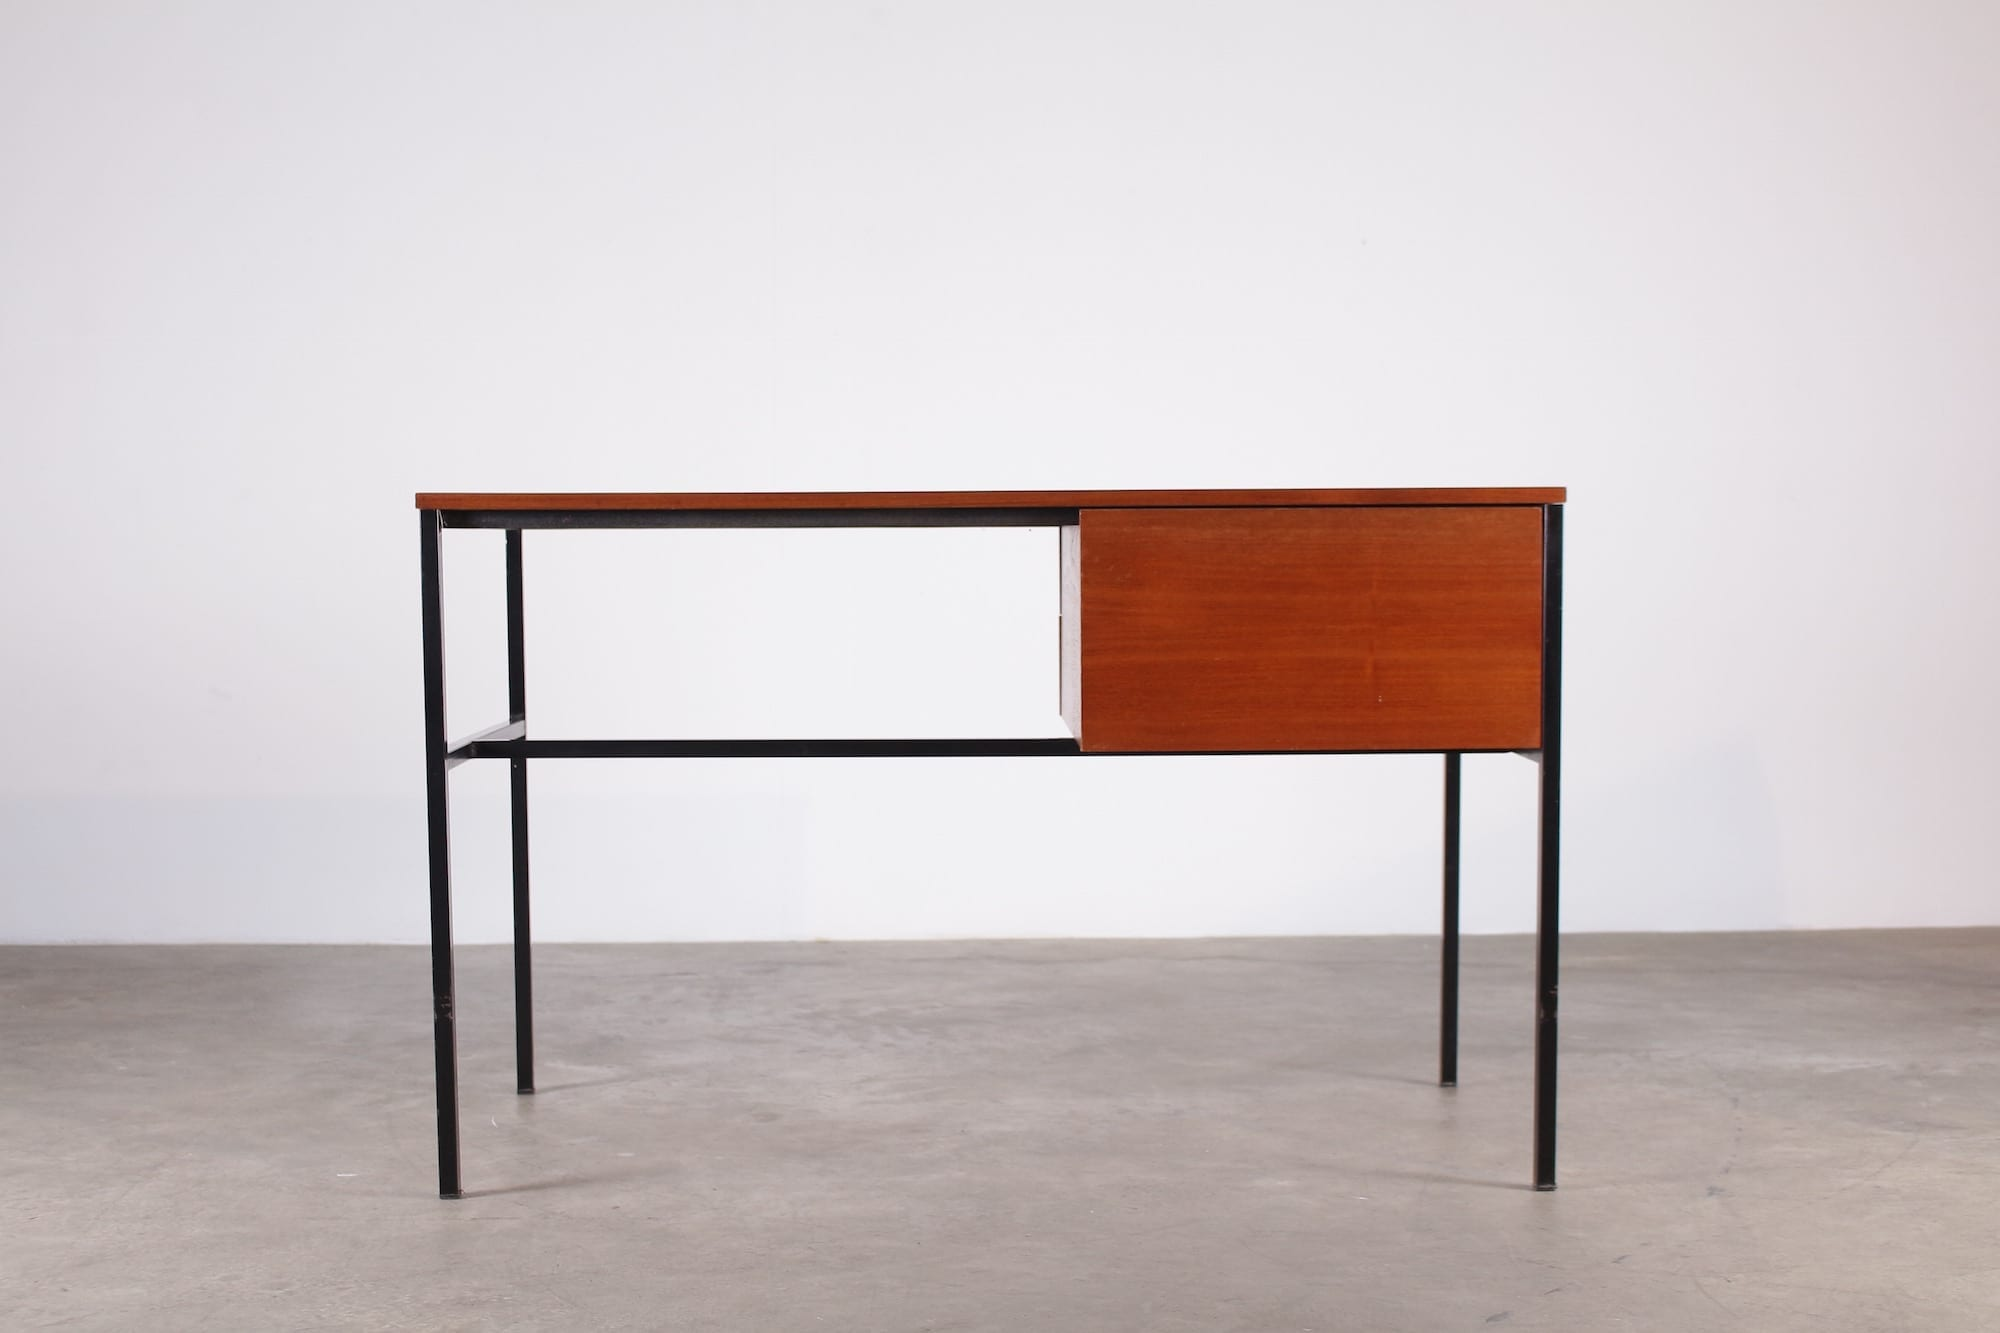 bureau dit tudiant pierre guariche meurop meubles vintage li ge. Black Bedroom Furniture Sets. Home Design Ideas